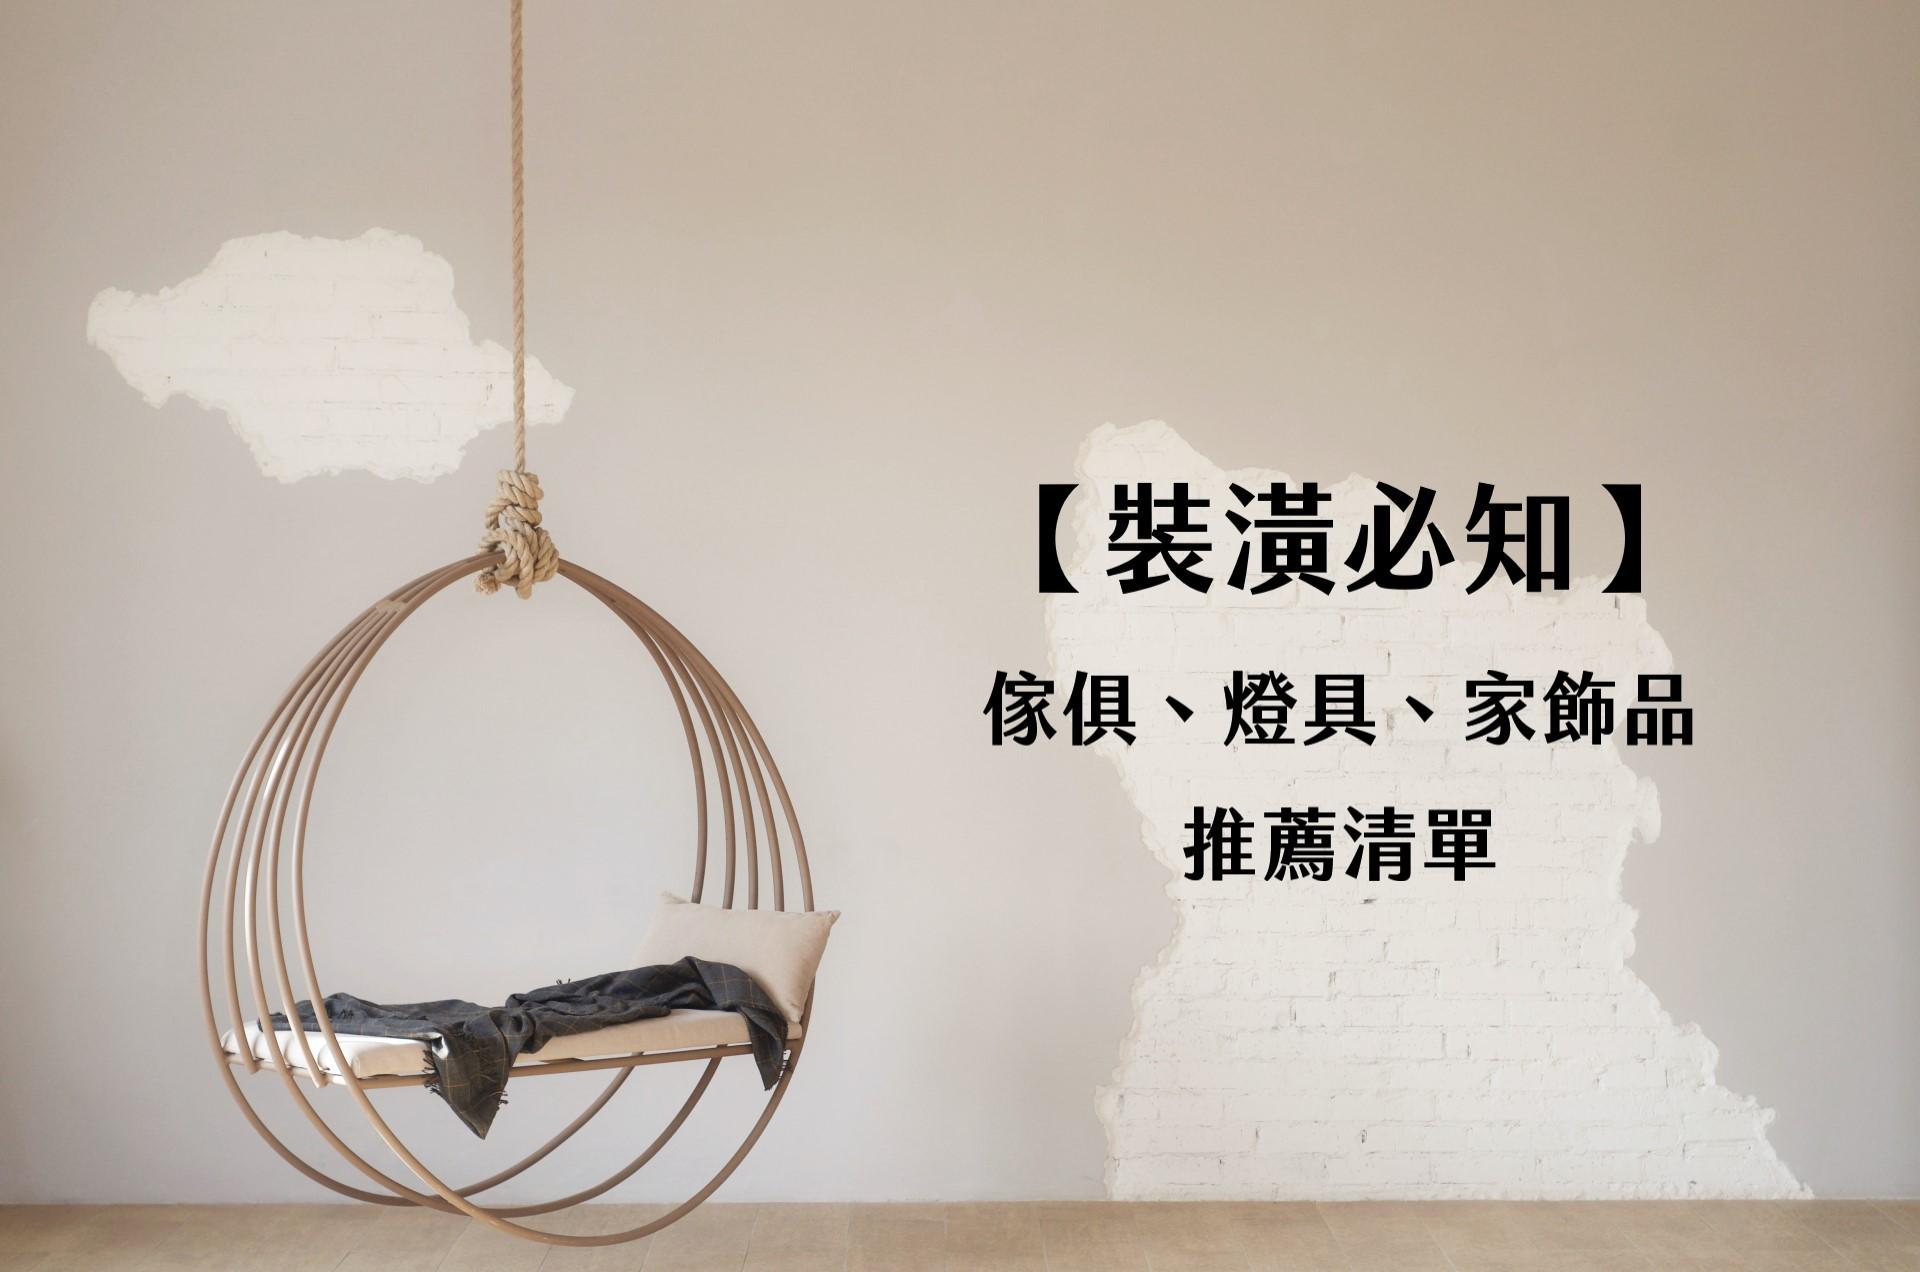 【裝潢必知】傢俱、燈具、家飾品推薦清單 3